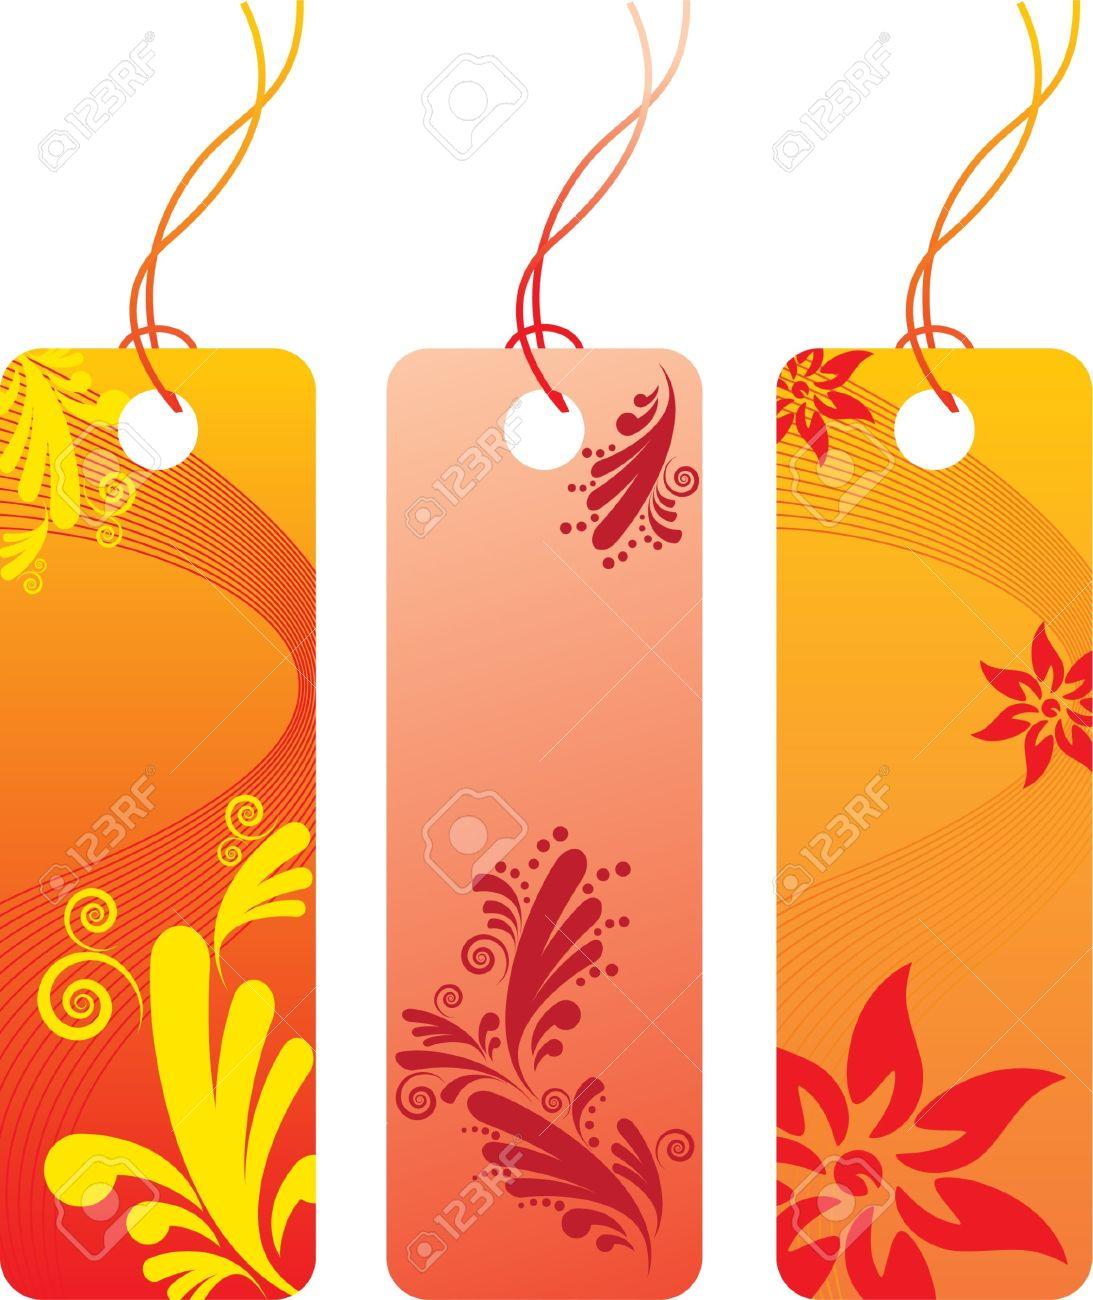 I tag background image - Orange Flower Price Tag Label Set Many Decorative Elements Isolated On A White Background